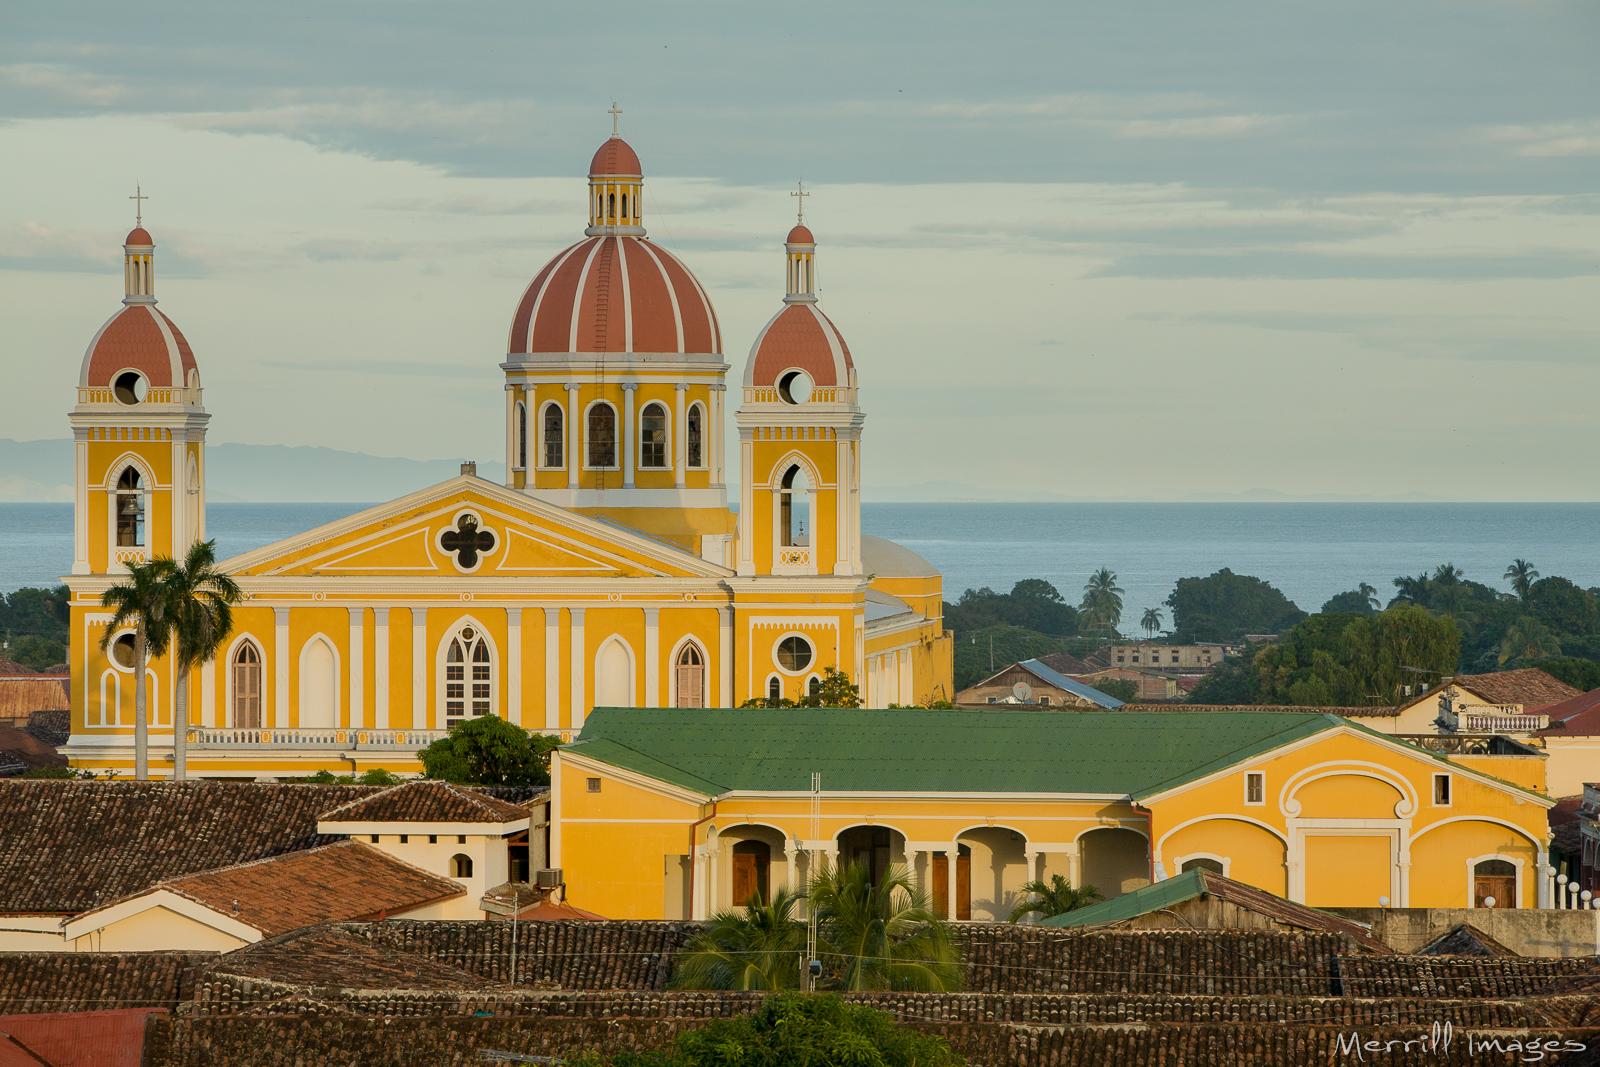 08697_Nicaragua_Merrill